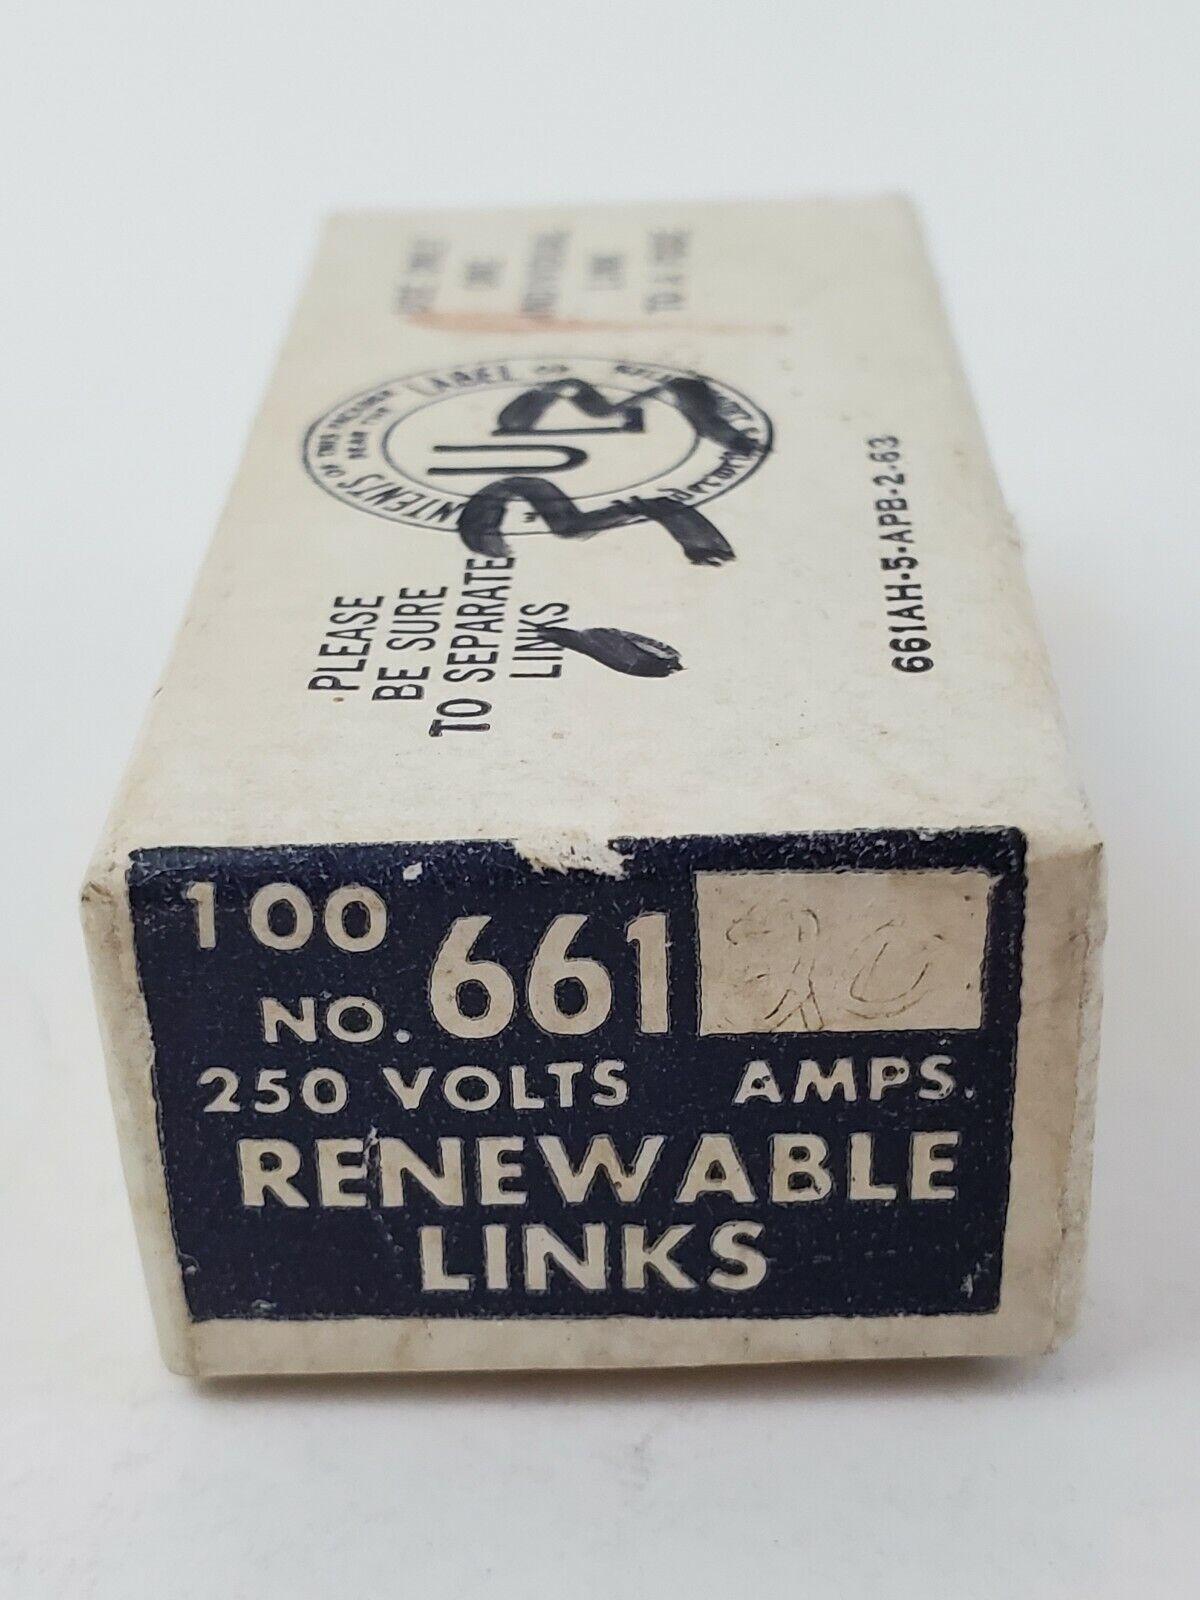 BUSS 55 Amp Renewable Fuse Links 250V or Less for sale online | eBayeBay